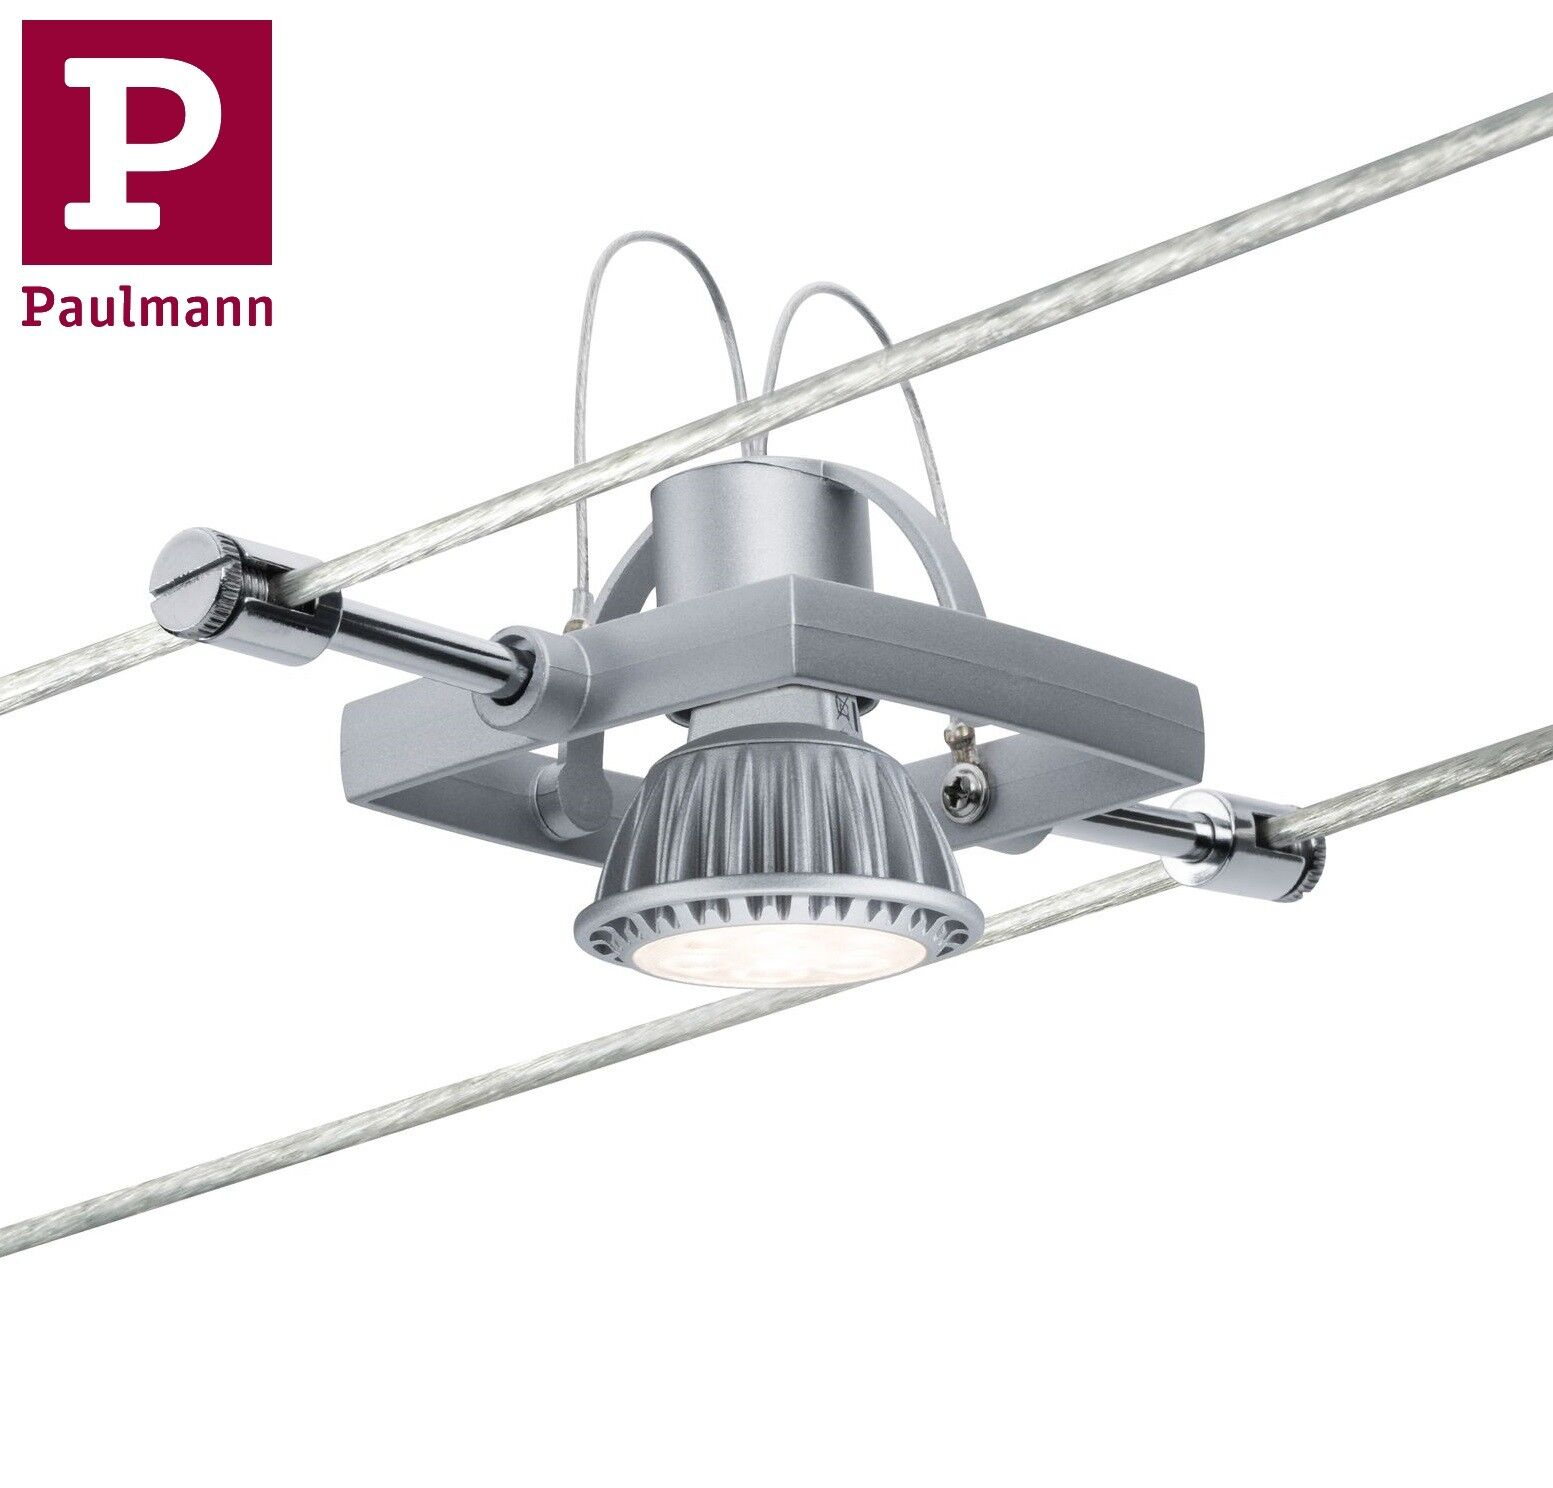 Deckenlampe Seilsystem Bürobeleuchtung LED Schienensystem SHARK mit 5 Spots